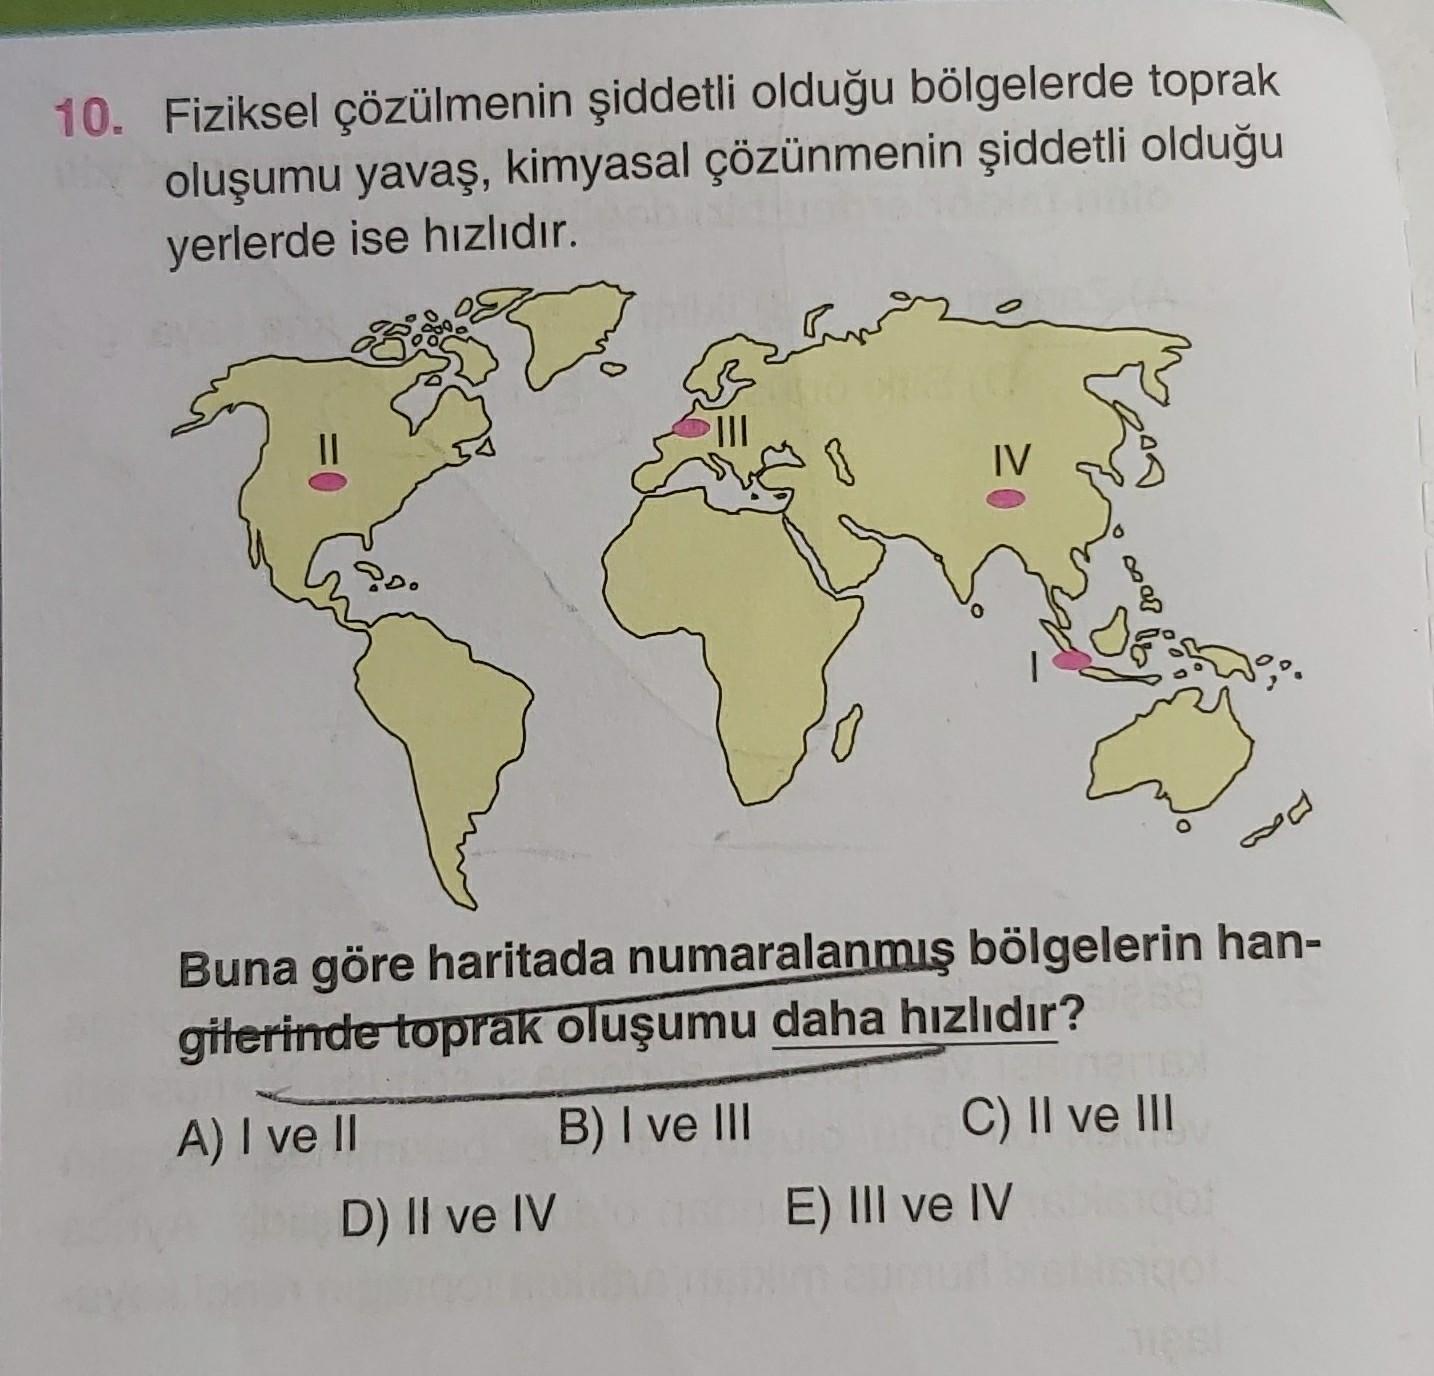 10. Fiziksel çözülmenin şiddetli olduğu bölgelerde toprak oluşumu yavaş, kimyasal çözünmenin şiddetli olduğu yerlerde ise hızlıdır. II IV Ps. or Buna göre haritada numaralanmış bölgelerin han- gilerinde toprak oluşumu daha hızlıdır? A) I ve II B) I ve III